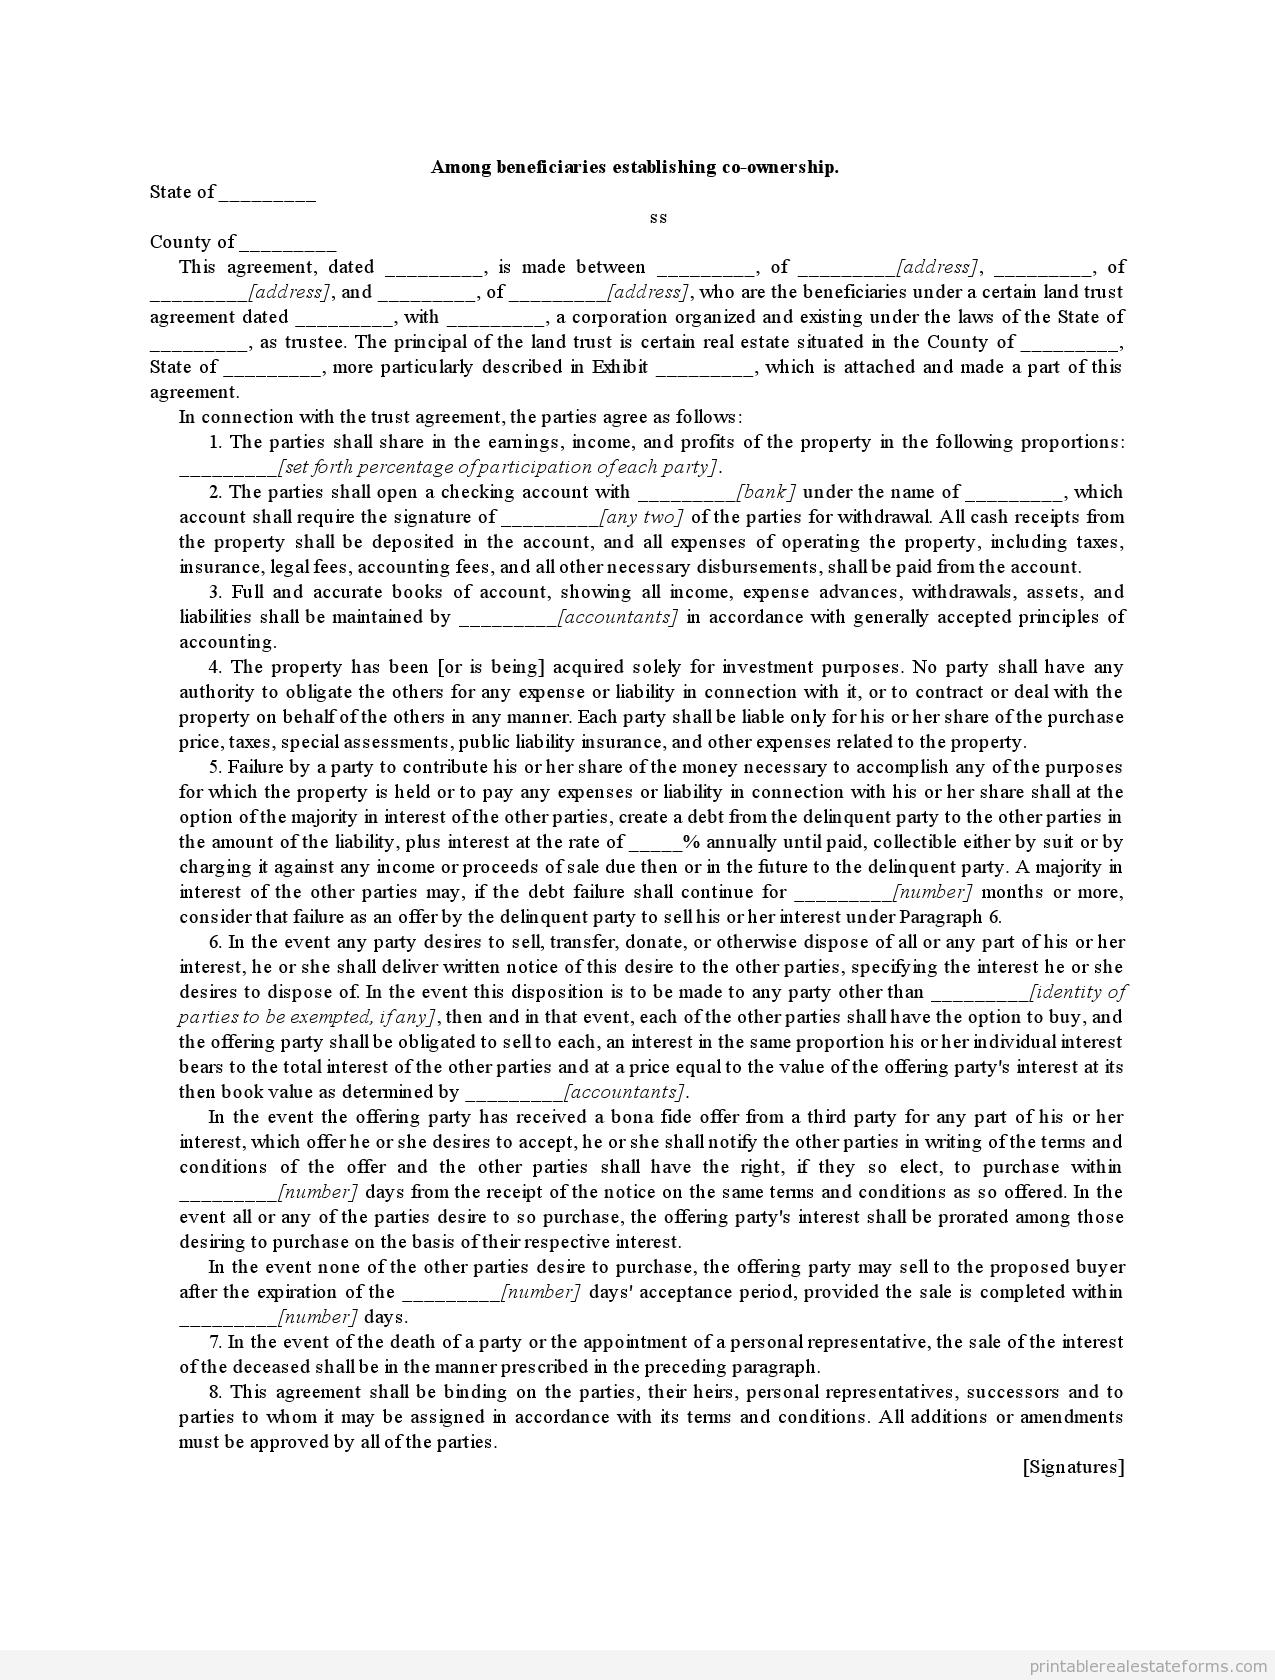 sample printable among beneficiaries establishing co ownership sample printable among beneficiaries establishing co ownership form